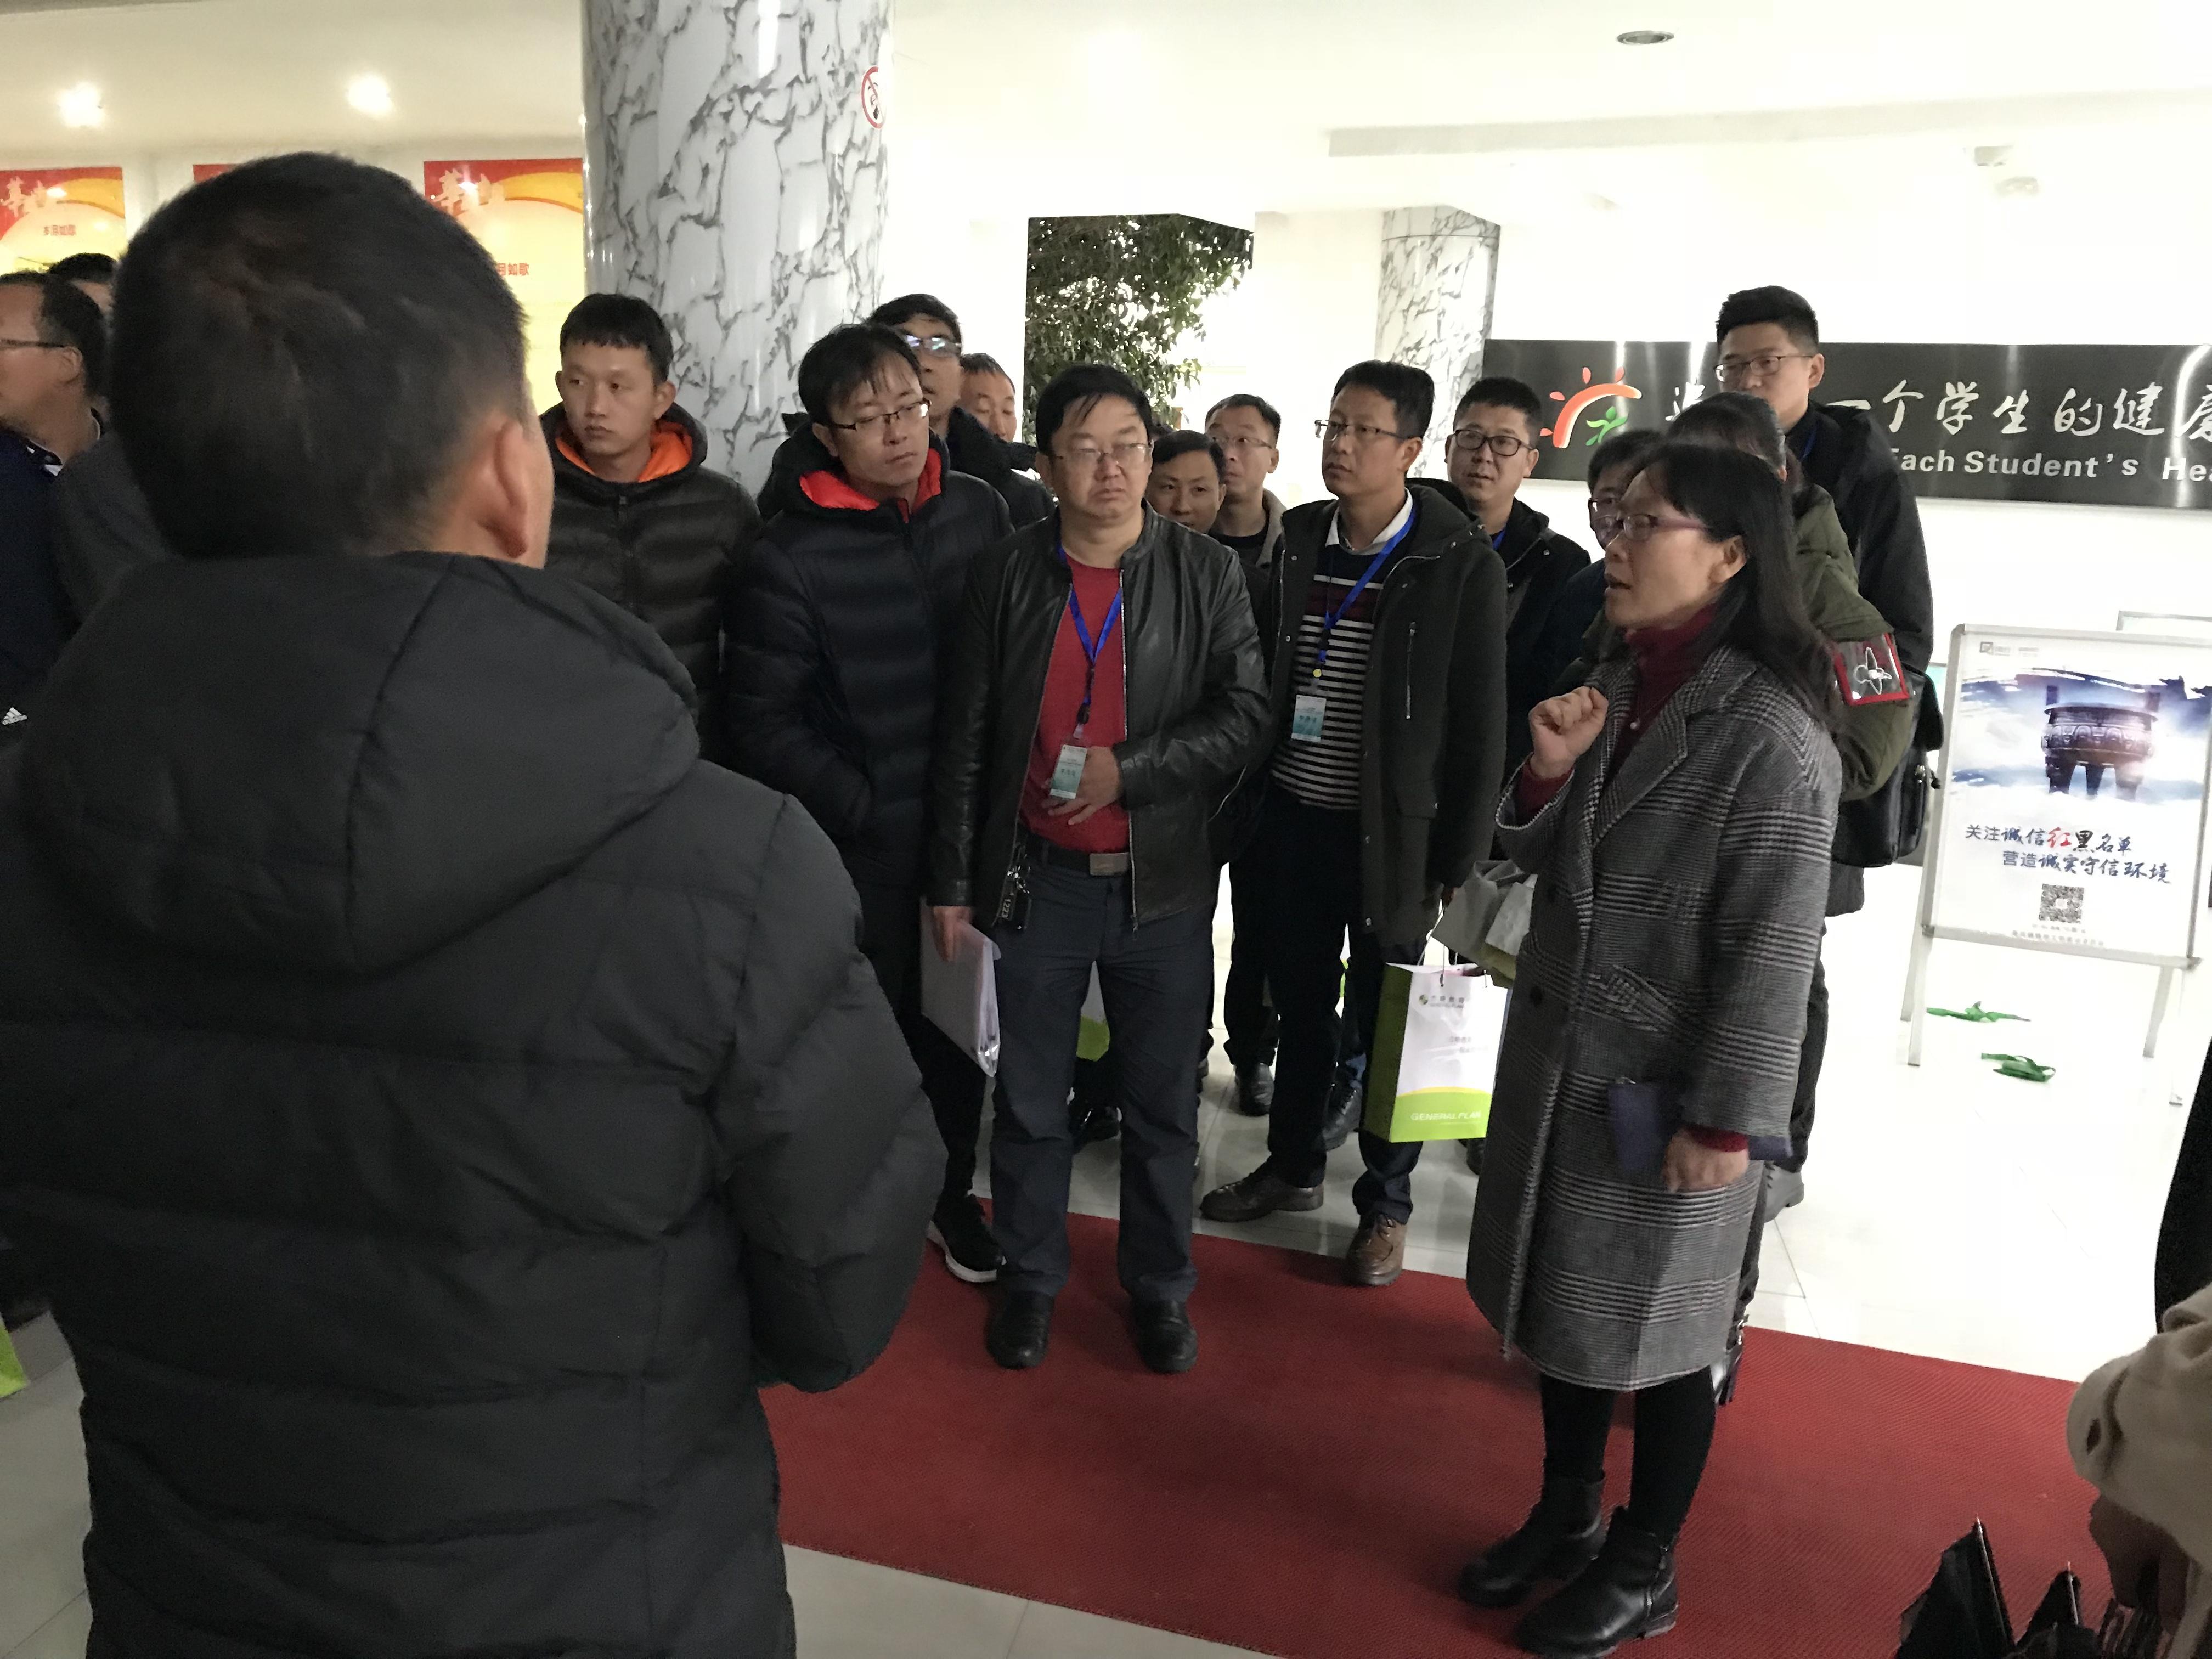 38 - 授渔传道 爱满沪滇|上慈会-SGCU云南慈善项目上海访学圆满结业